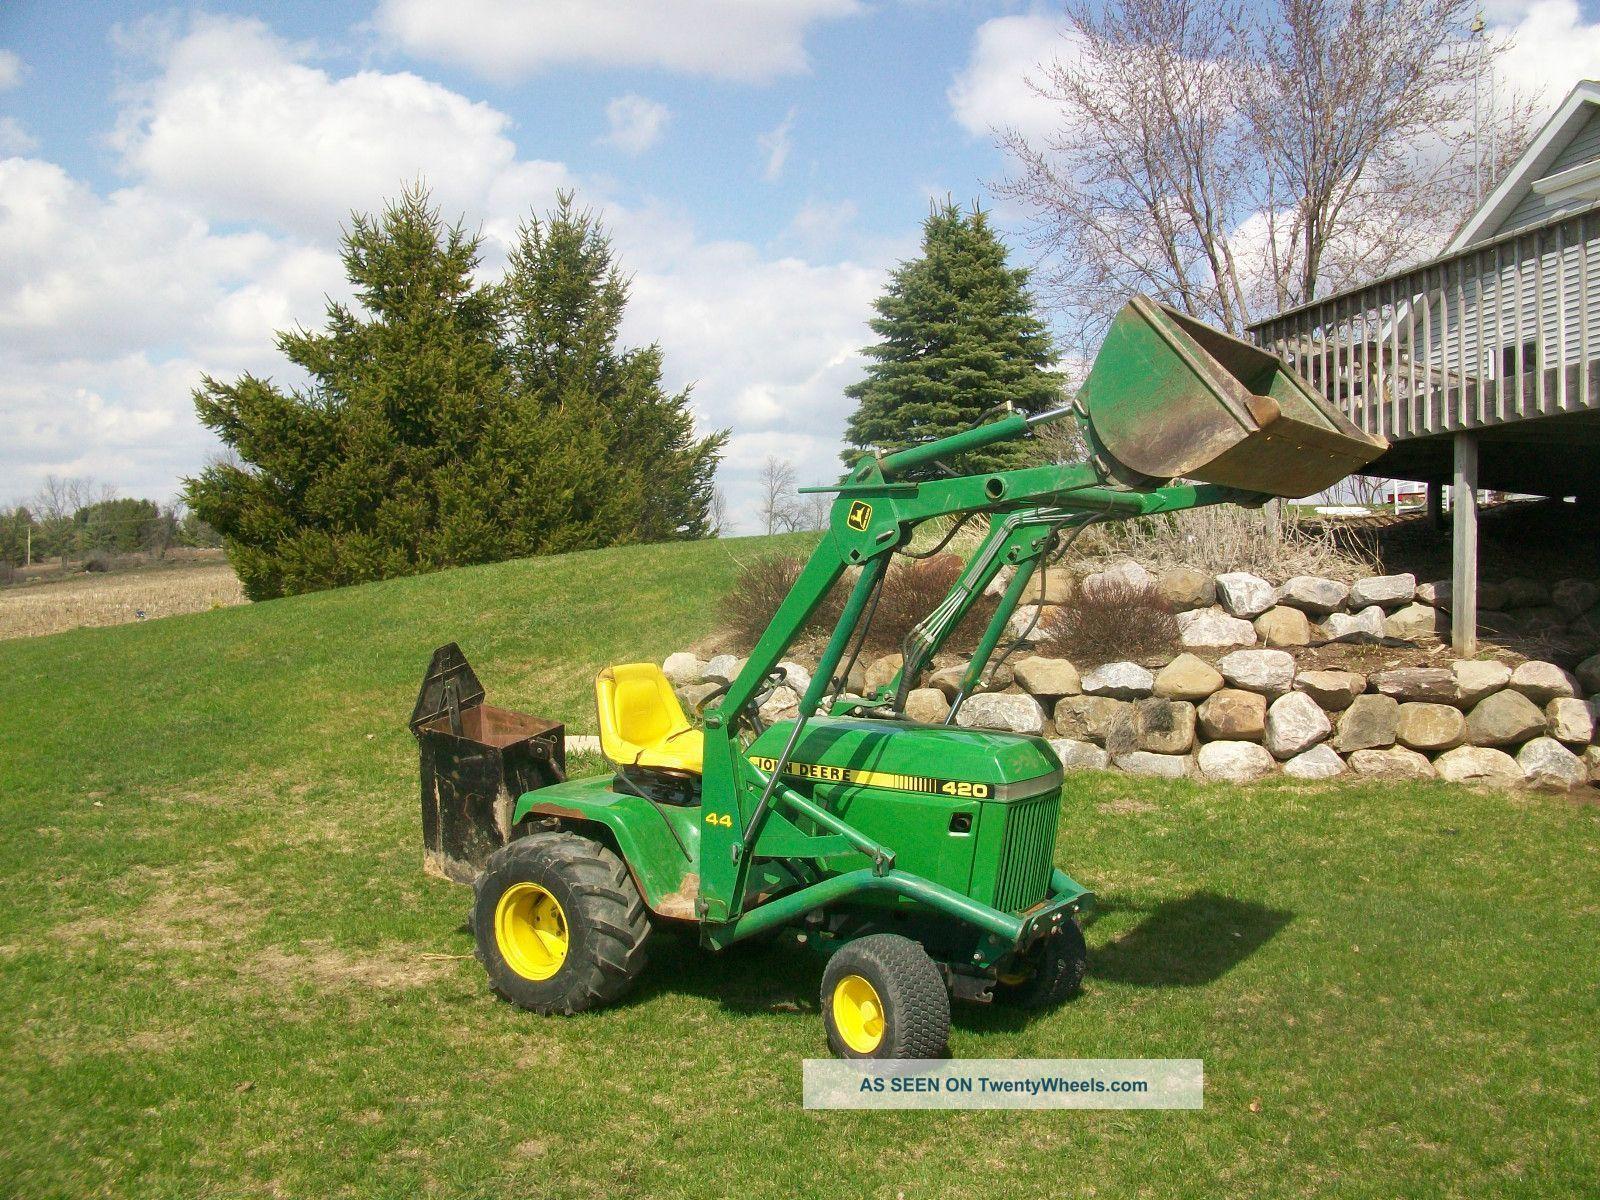 forums advice diesel parts pricing jd tractor garden buying deere john